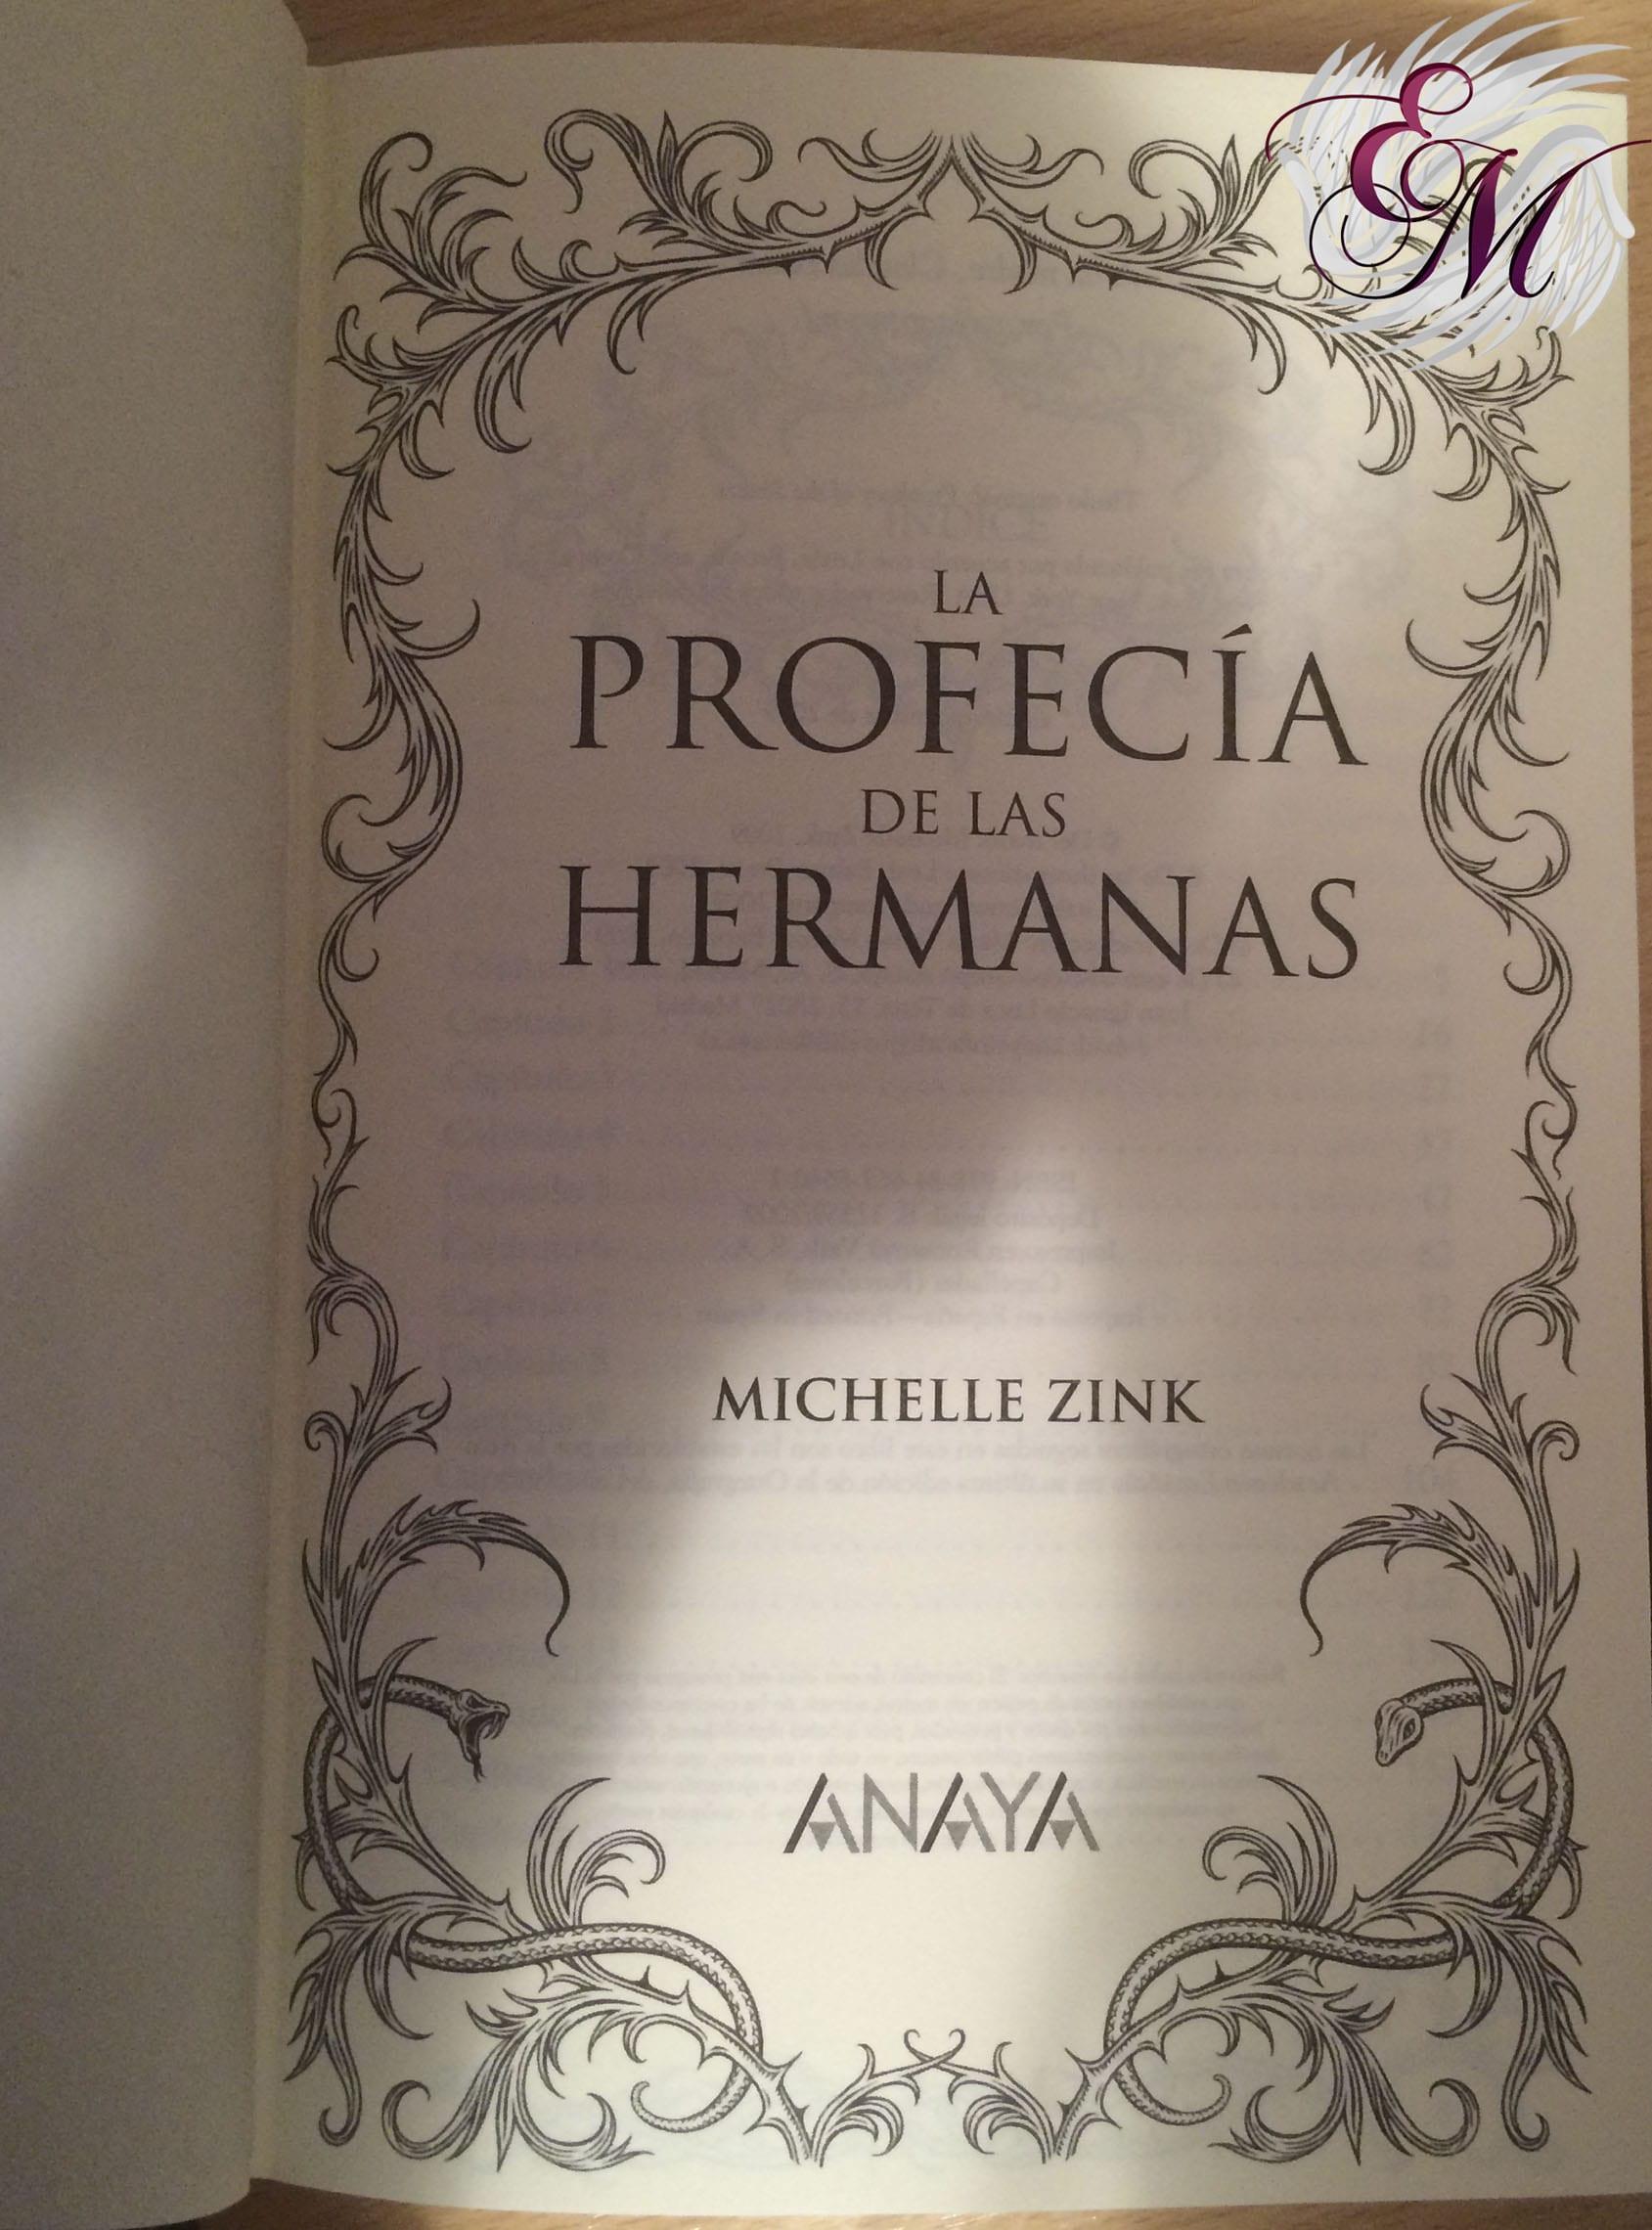 La profecía de las hermanas, de Michelle Zink - Reseña